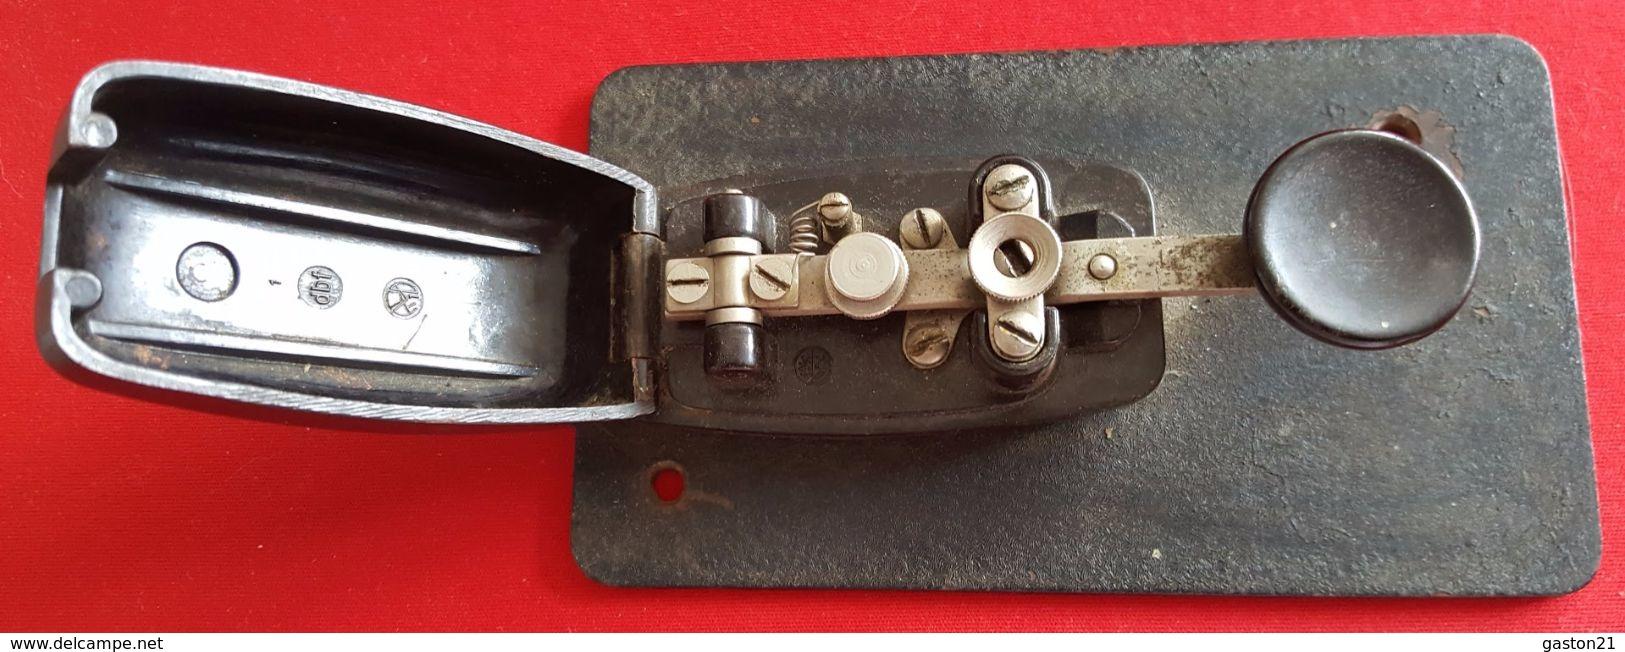 MORSE - MANIPULATEUR DROIT DIT PIOCHE - Manipulateur Morse - Double Contact - T K P - - Radio